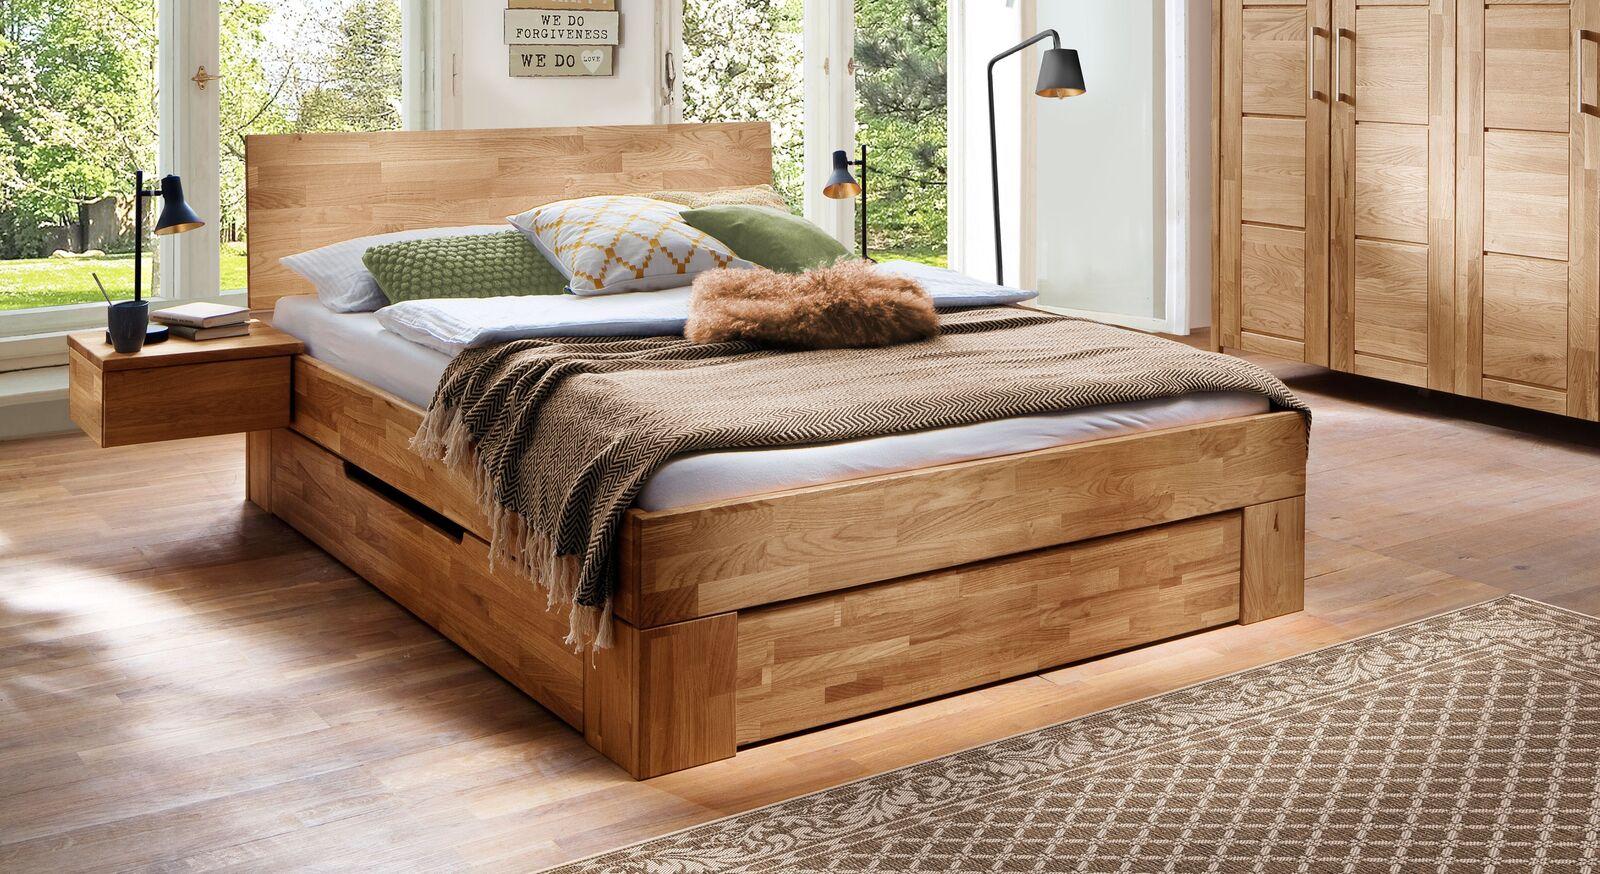 Schubkasten-Bett Pasja aus geölter Wildeiche